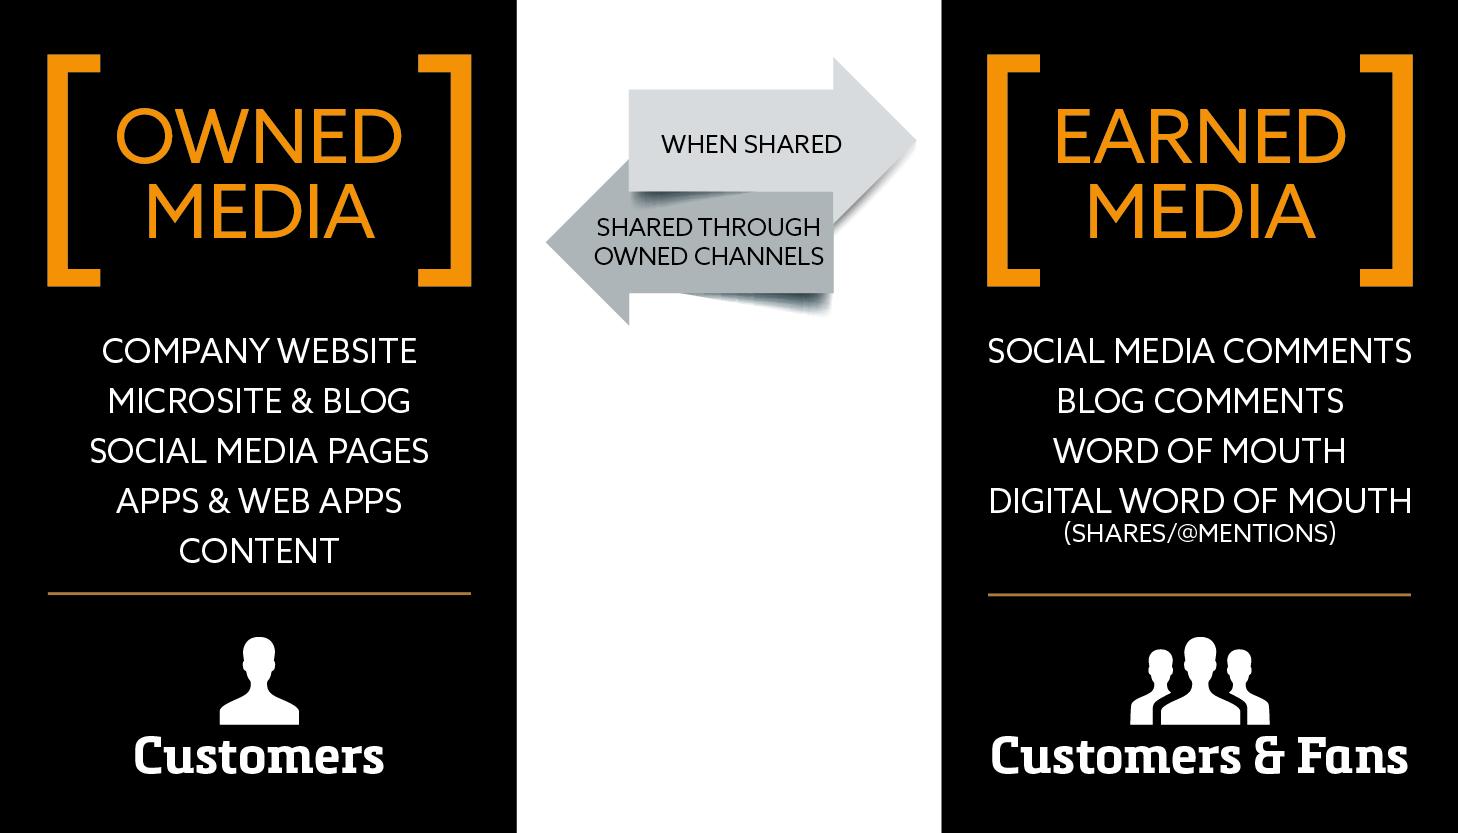 earned-media-vs-owned-media.jpg